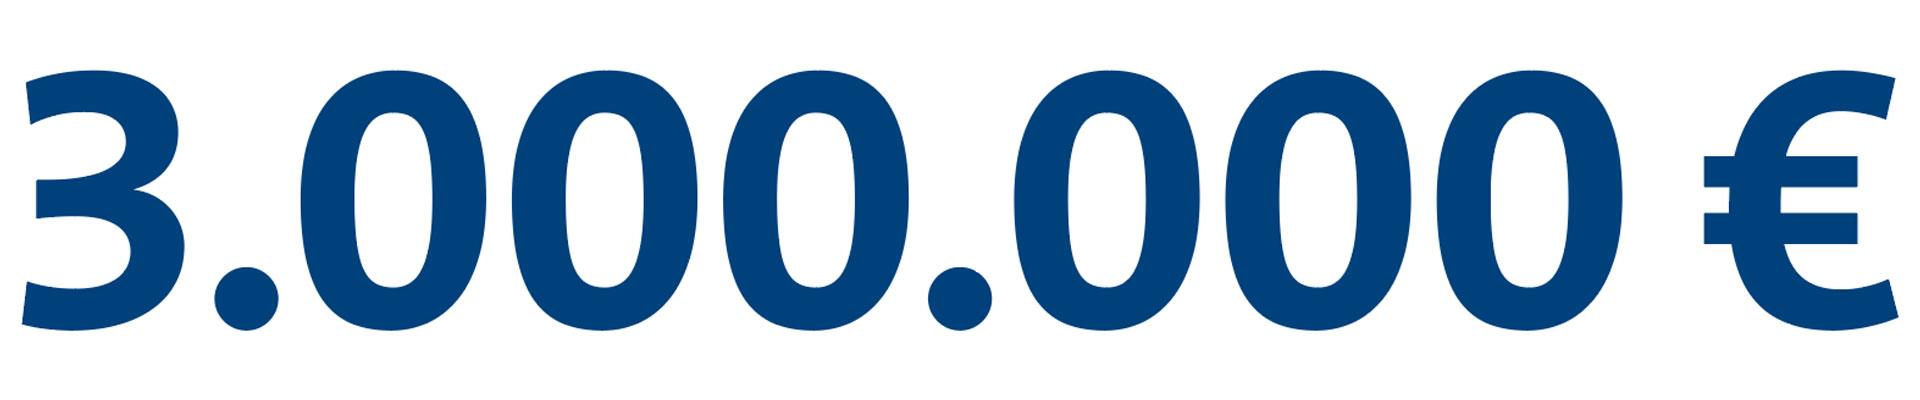 300.000 € – Diese Summe haben unsere Kunden dank des PRIMAGAS Förder-Service bisher erhalten.